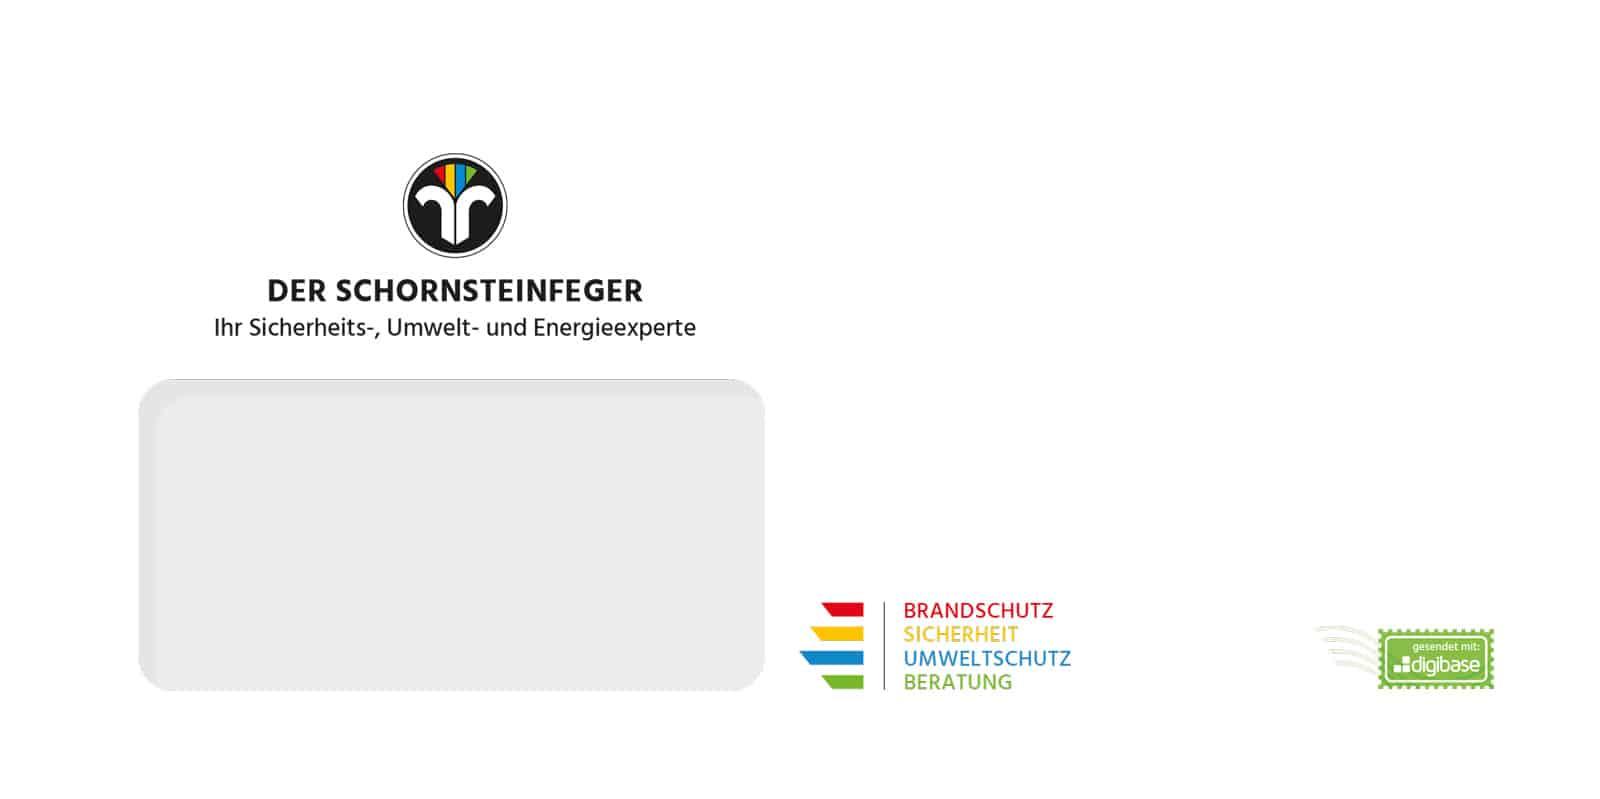 digibase network - Briefumschlag Schornsteinfeger